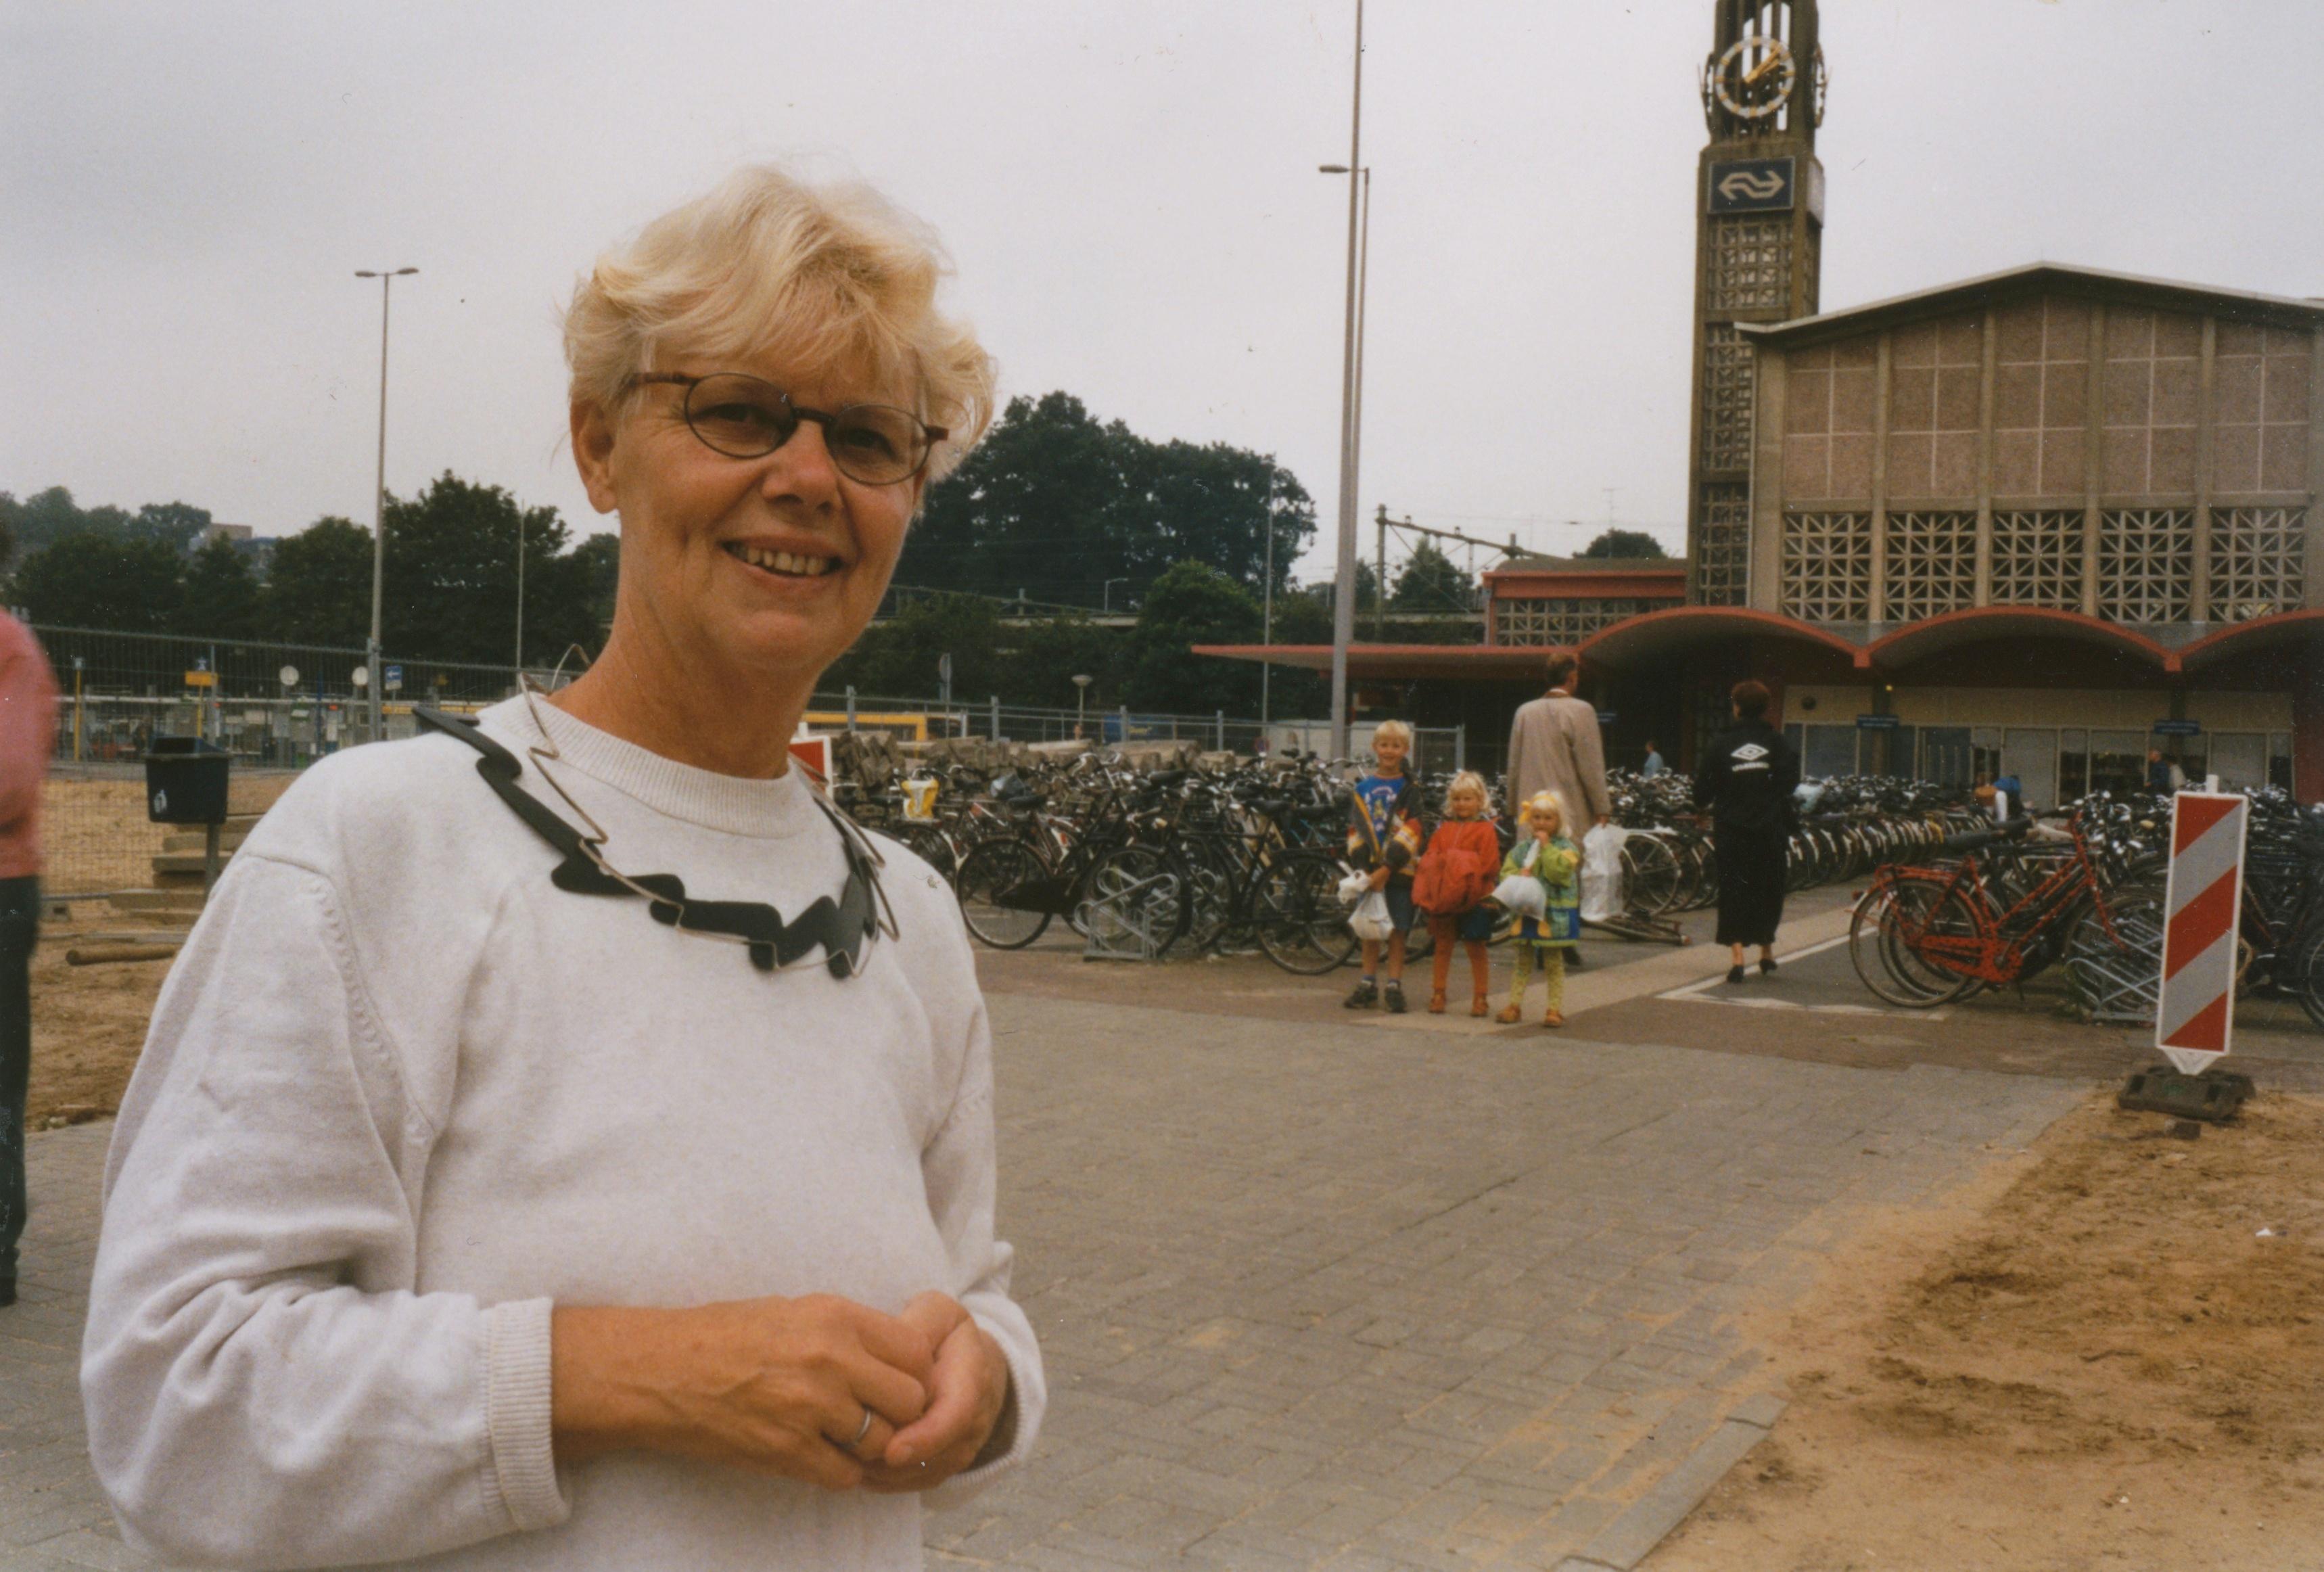 Claartje Keur, Zelfportret met halssieraad van Maria Hees, Arnhem, Centraal Station, 29 juli 1998. Foto Claartje Keur